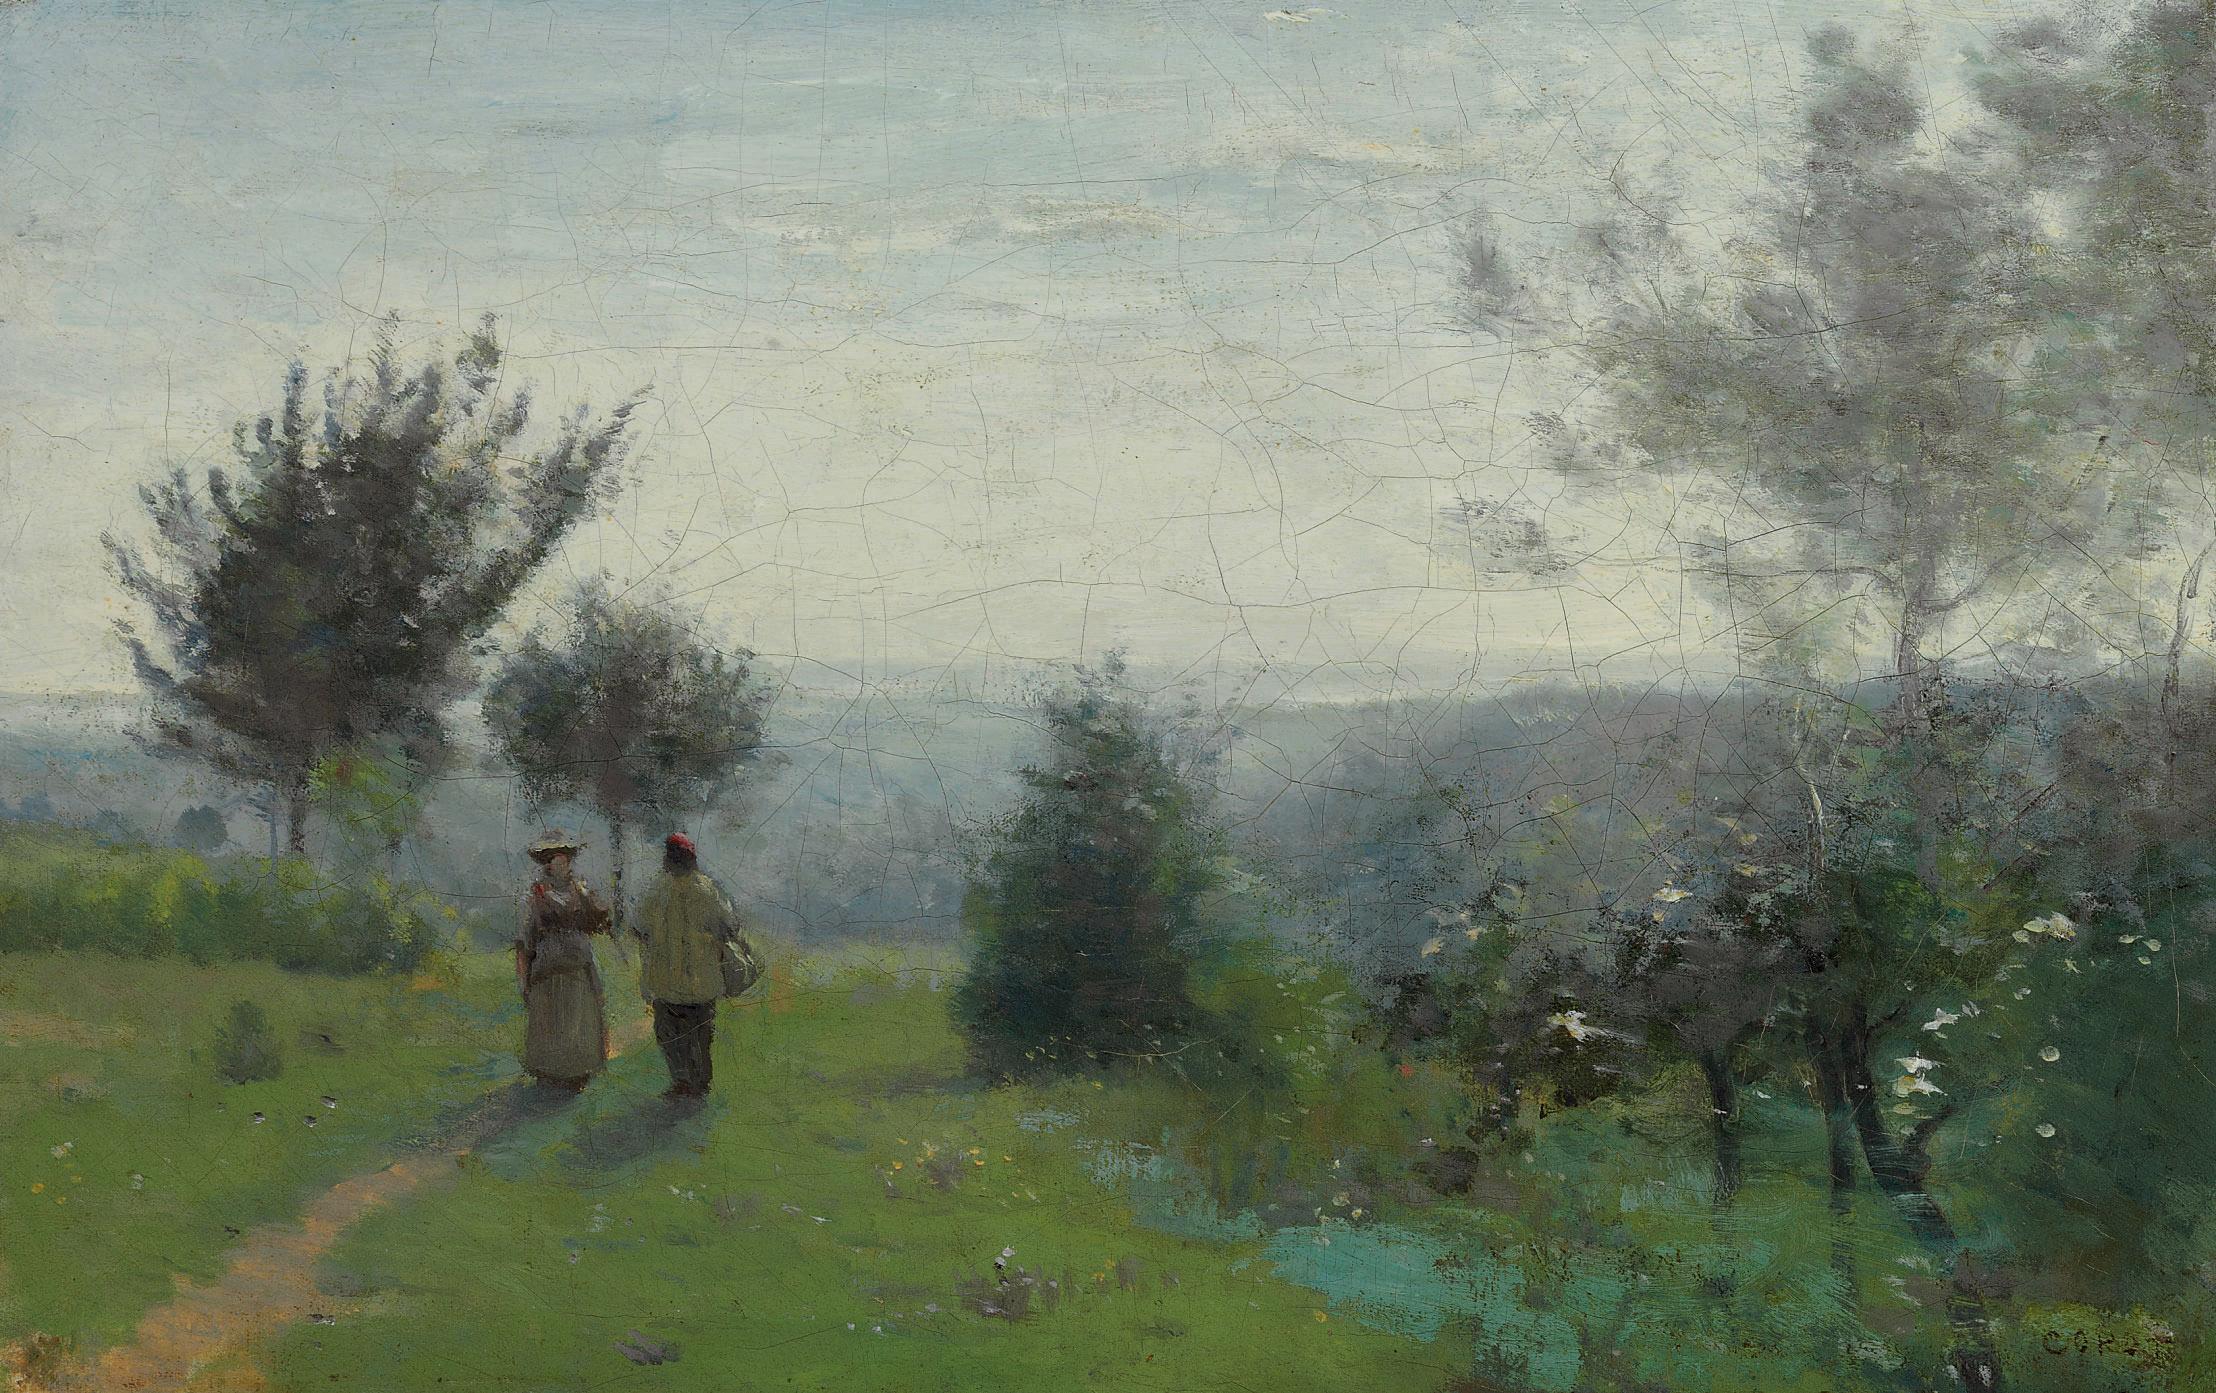 Jean Baptiste Camille Corot (1